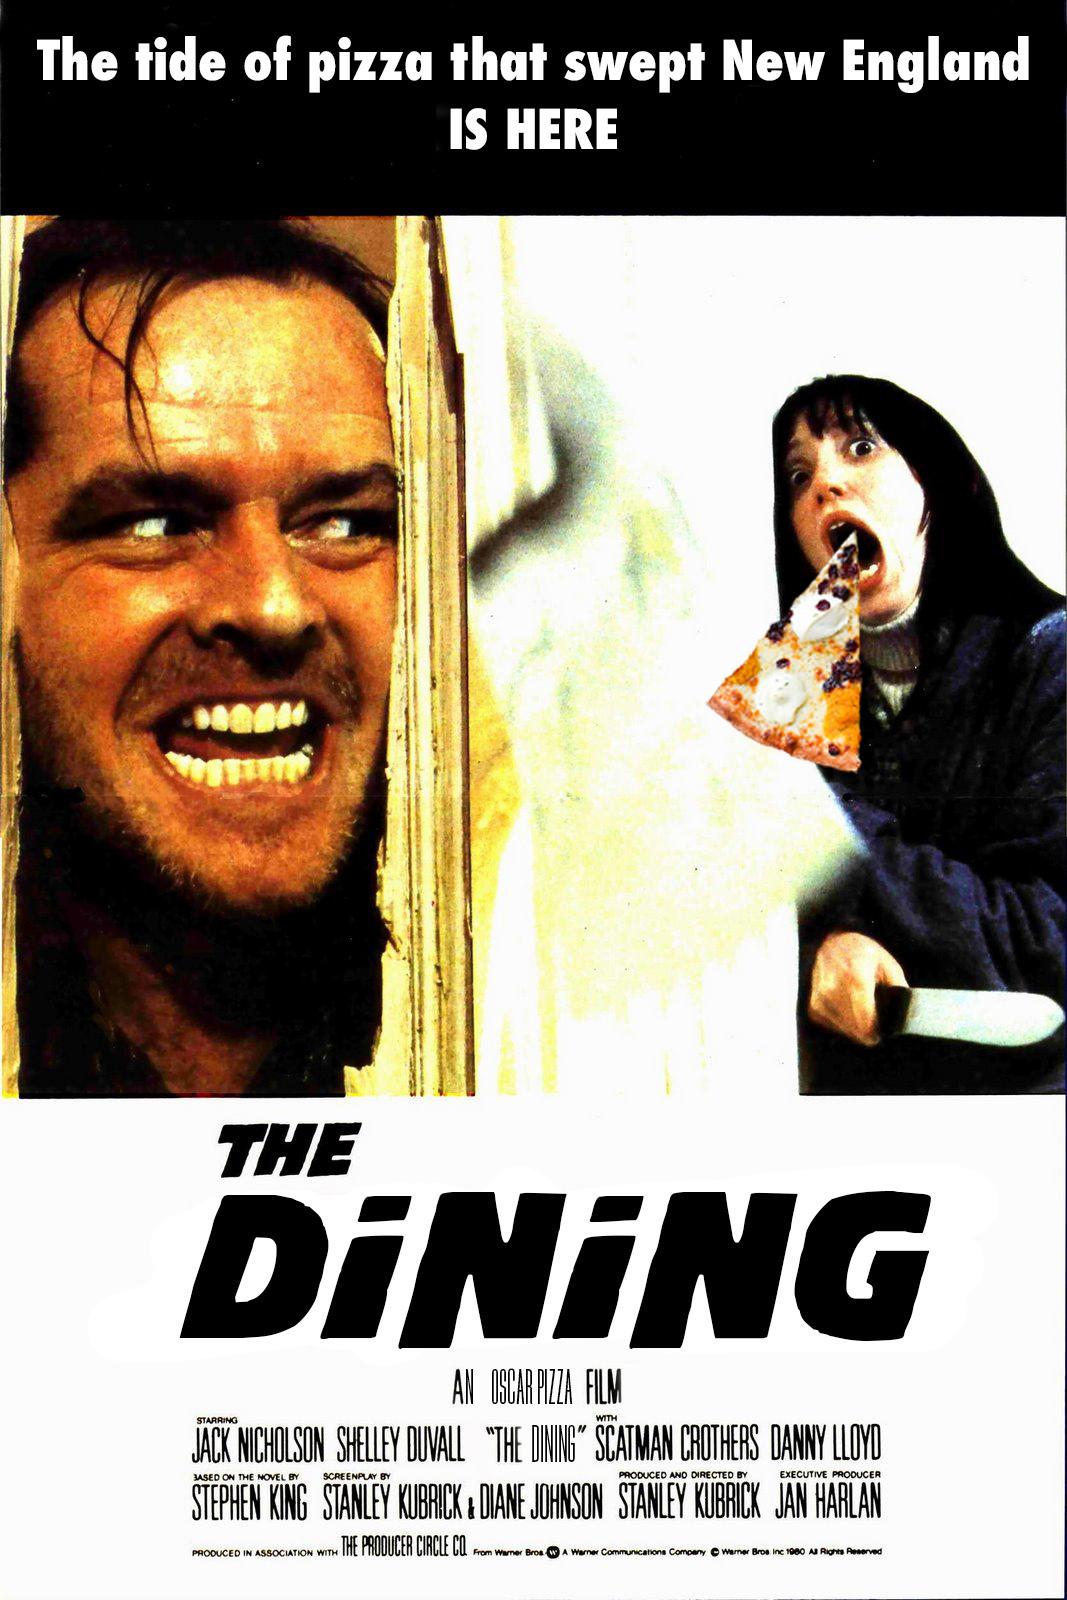 TheShining